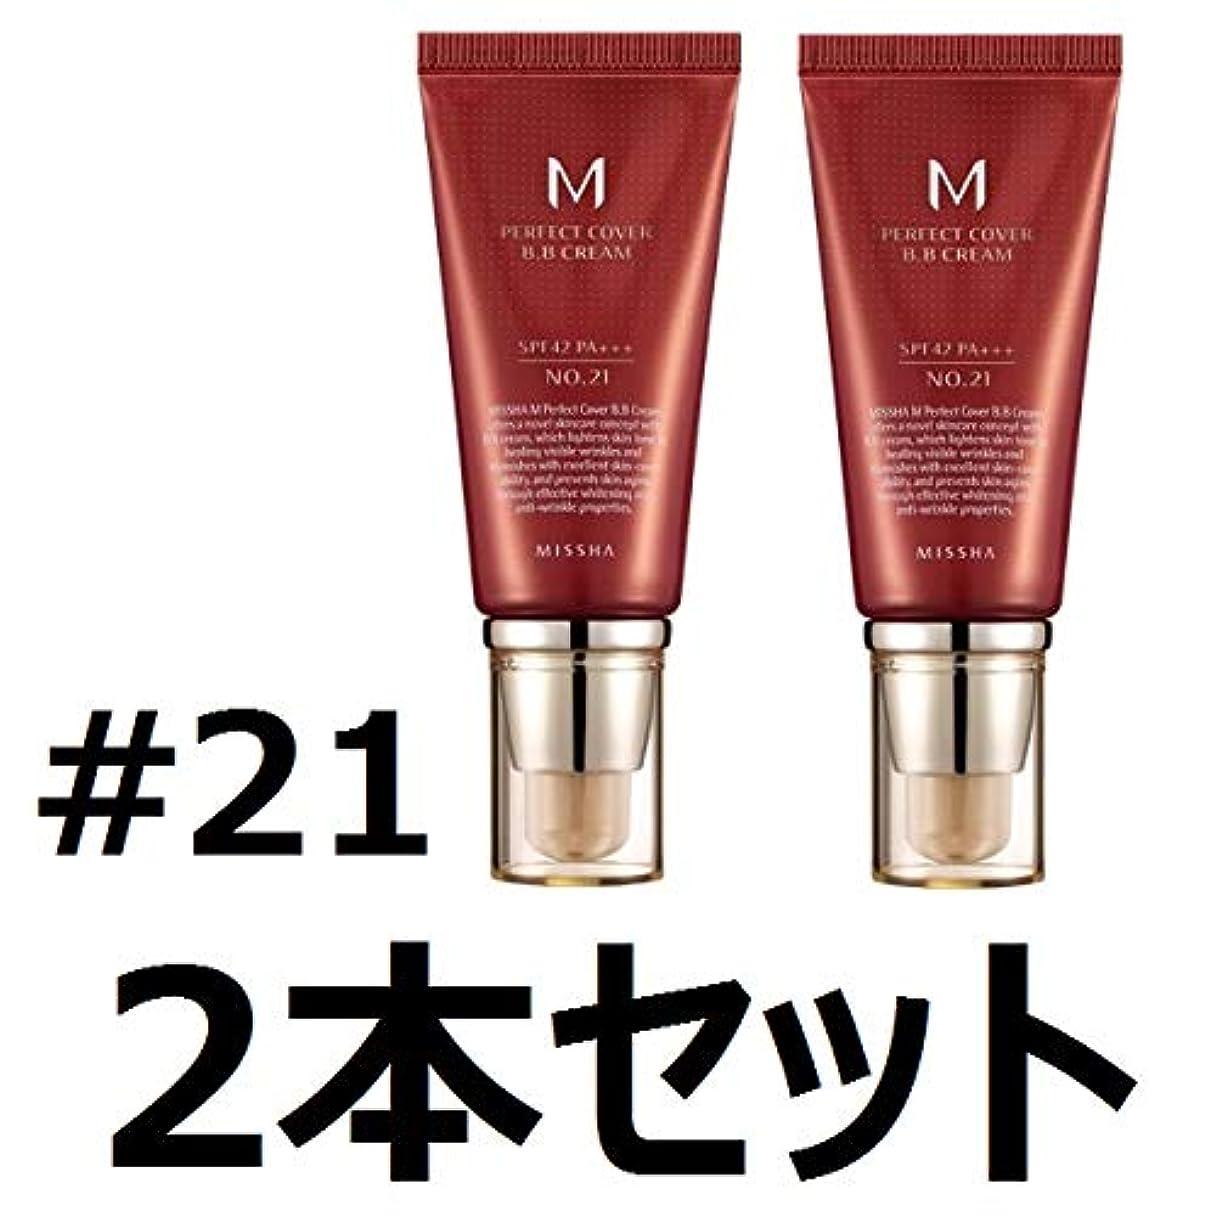 [MISSHA/ミシャ]M パーフェクトカバーBBクリーム UV (No.21)[SPF42 PA+++] (1+1)2本 セット [海外直送品]